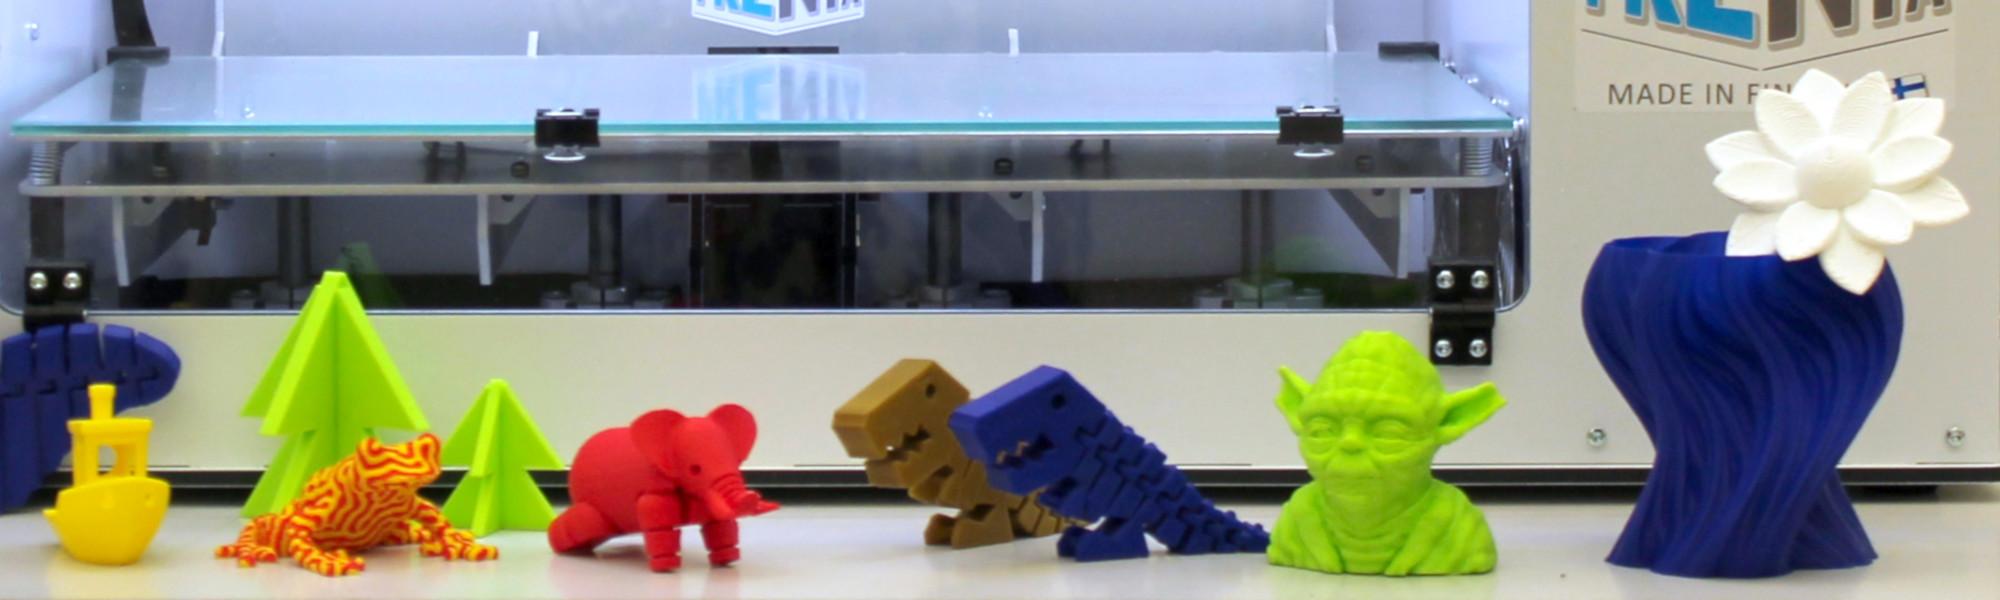 Tulostettuja 3D-malleja ja 3D-tulostin